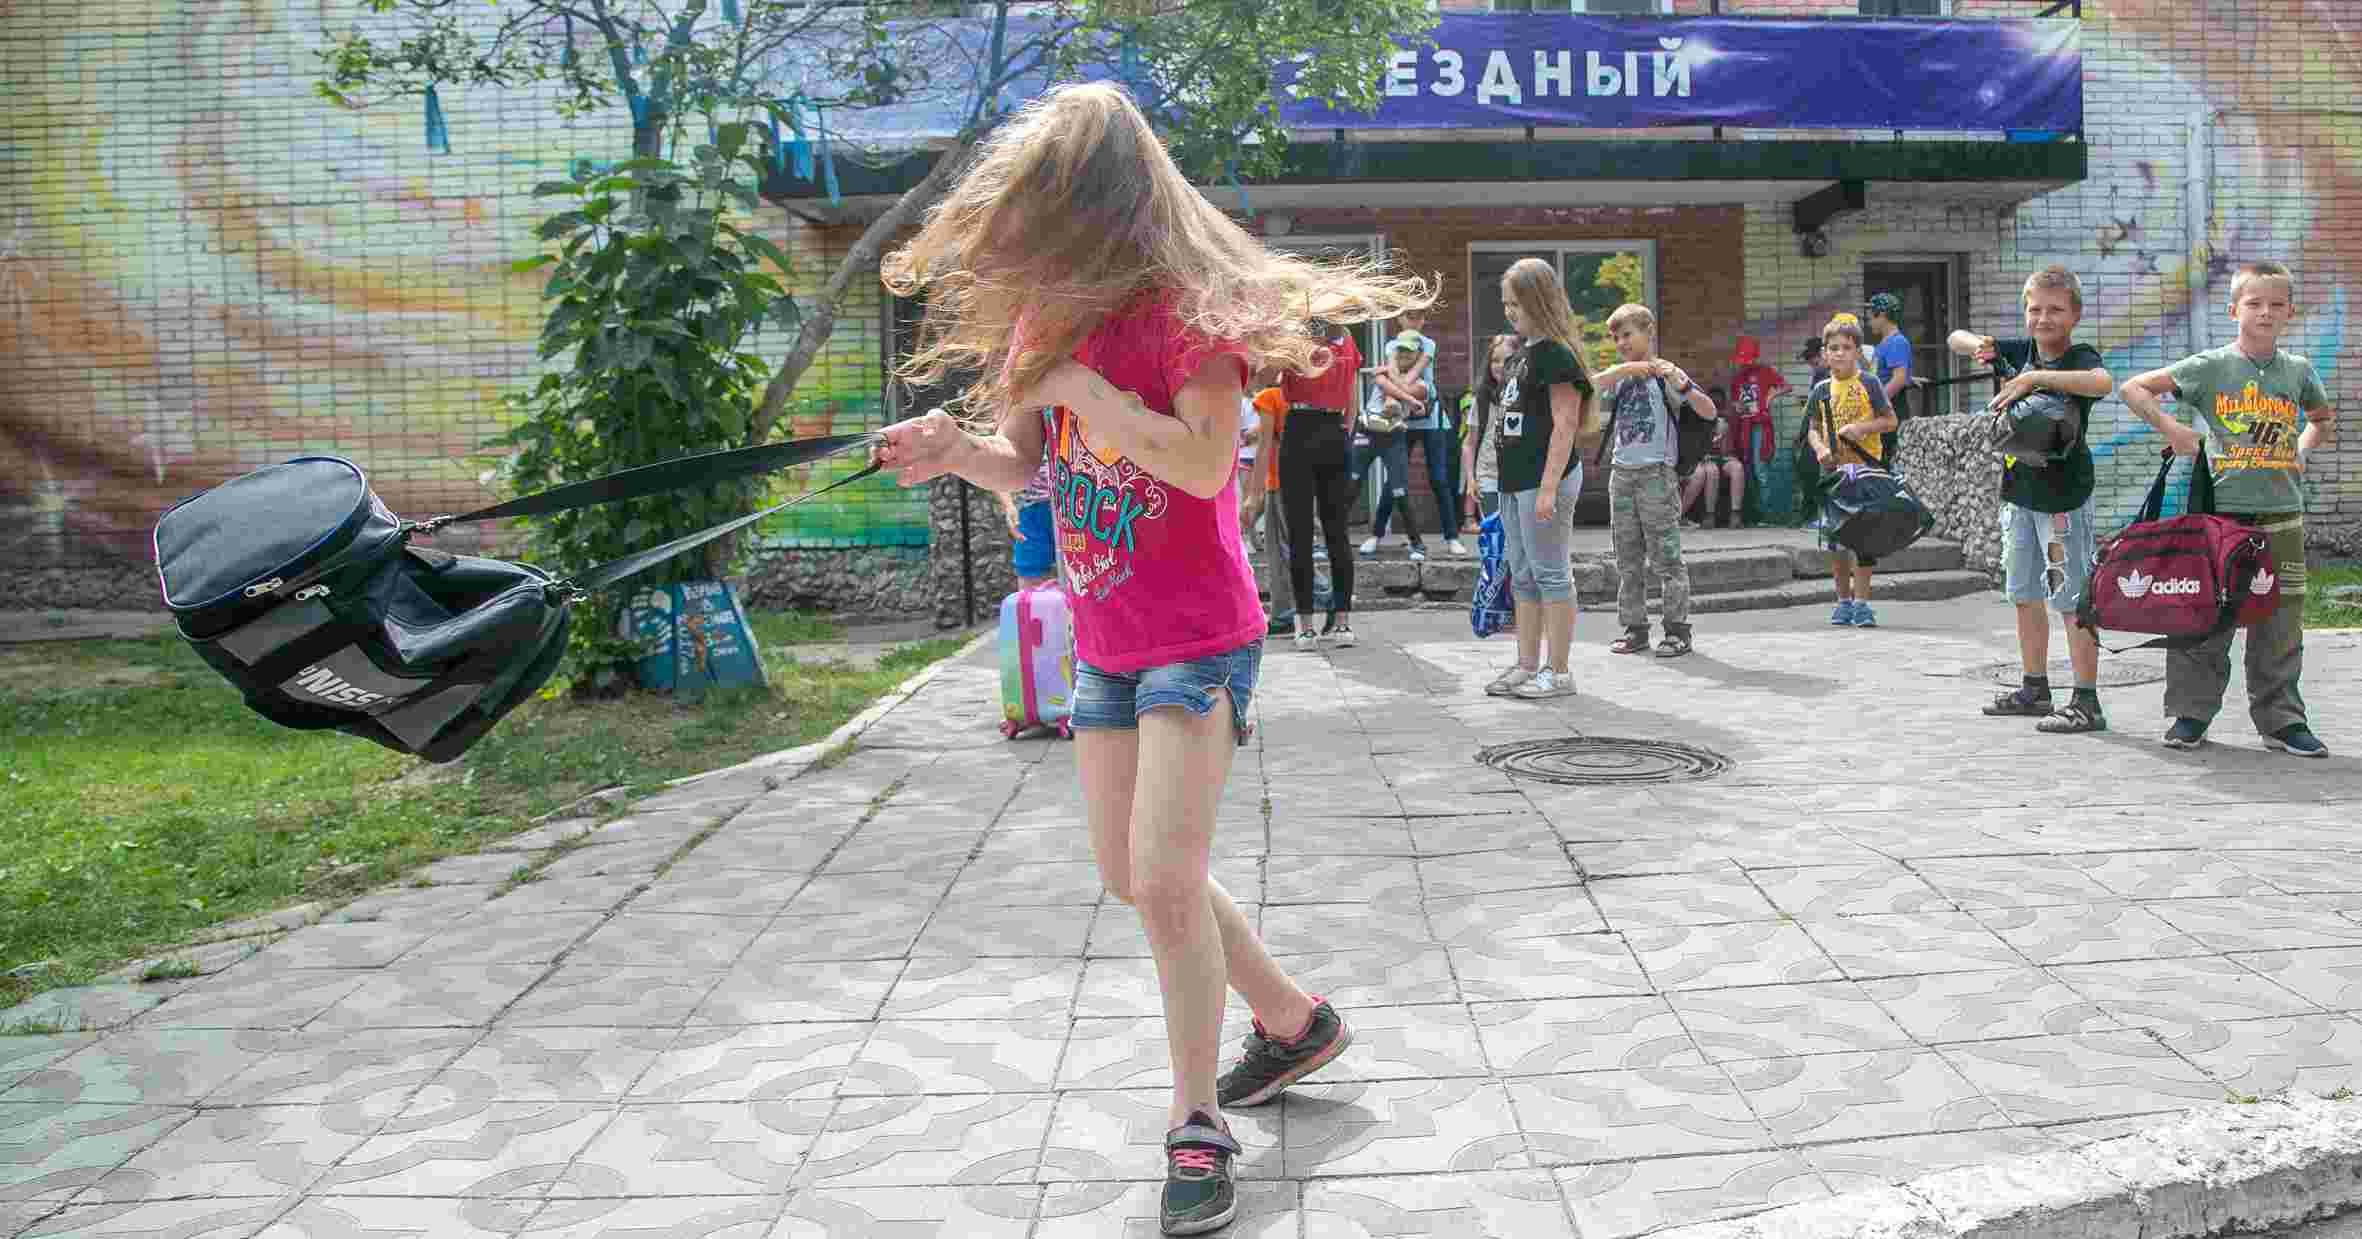 Новосибирская область потратит на приобретение путёвок детям в летние лагеря 165 миллионов рублей